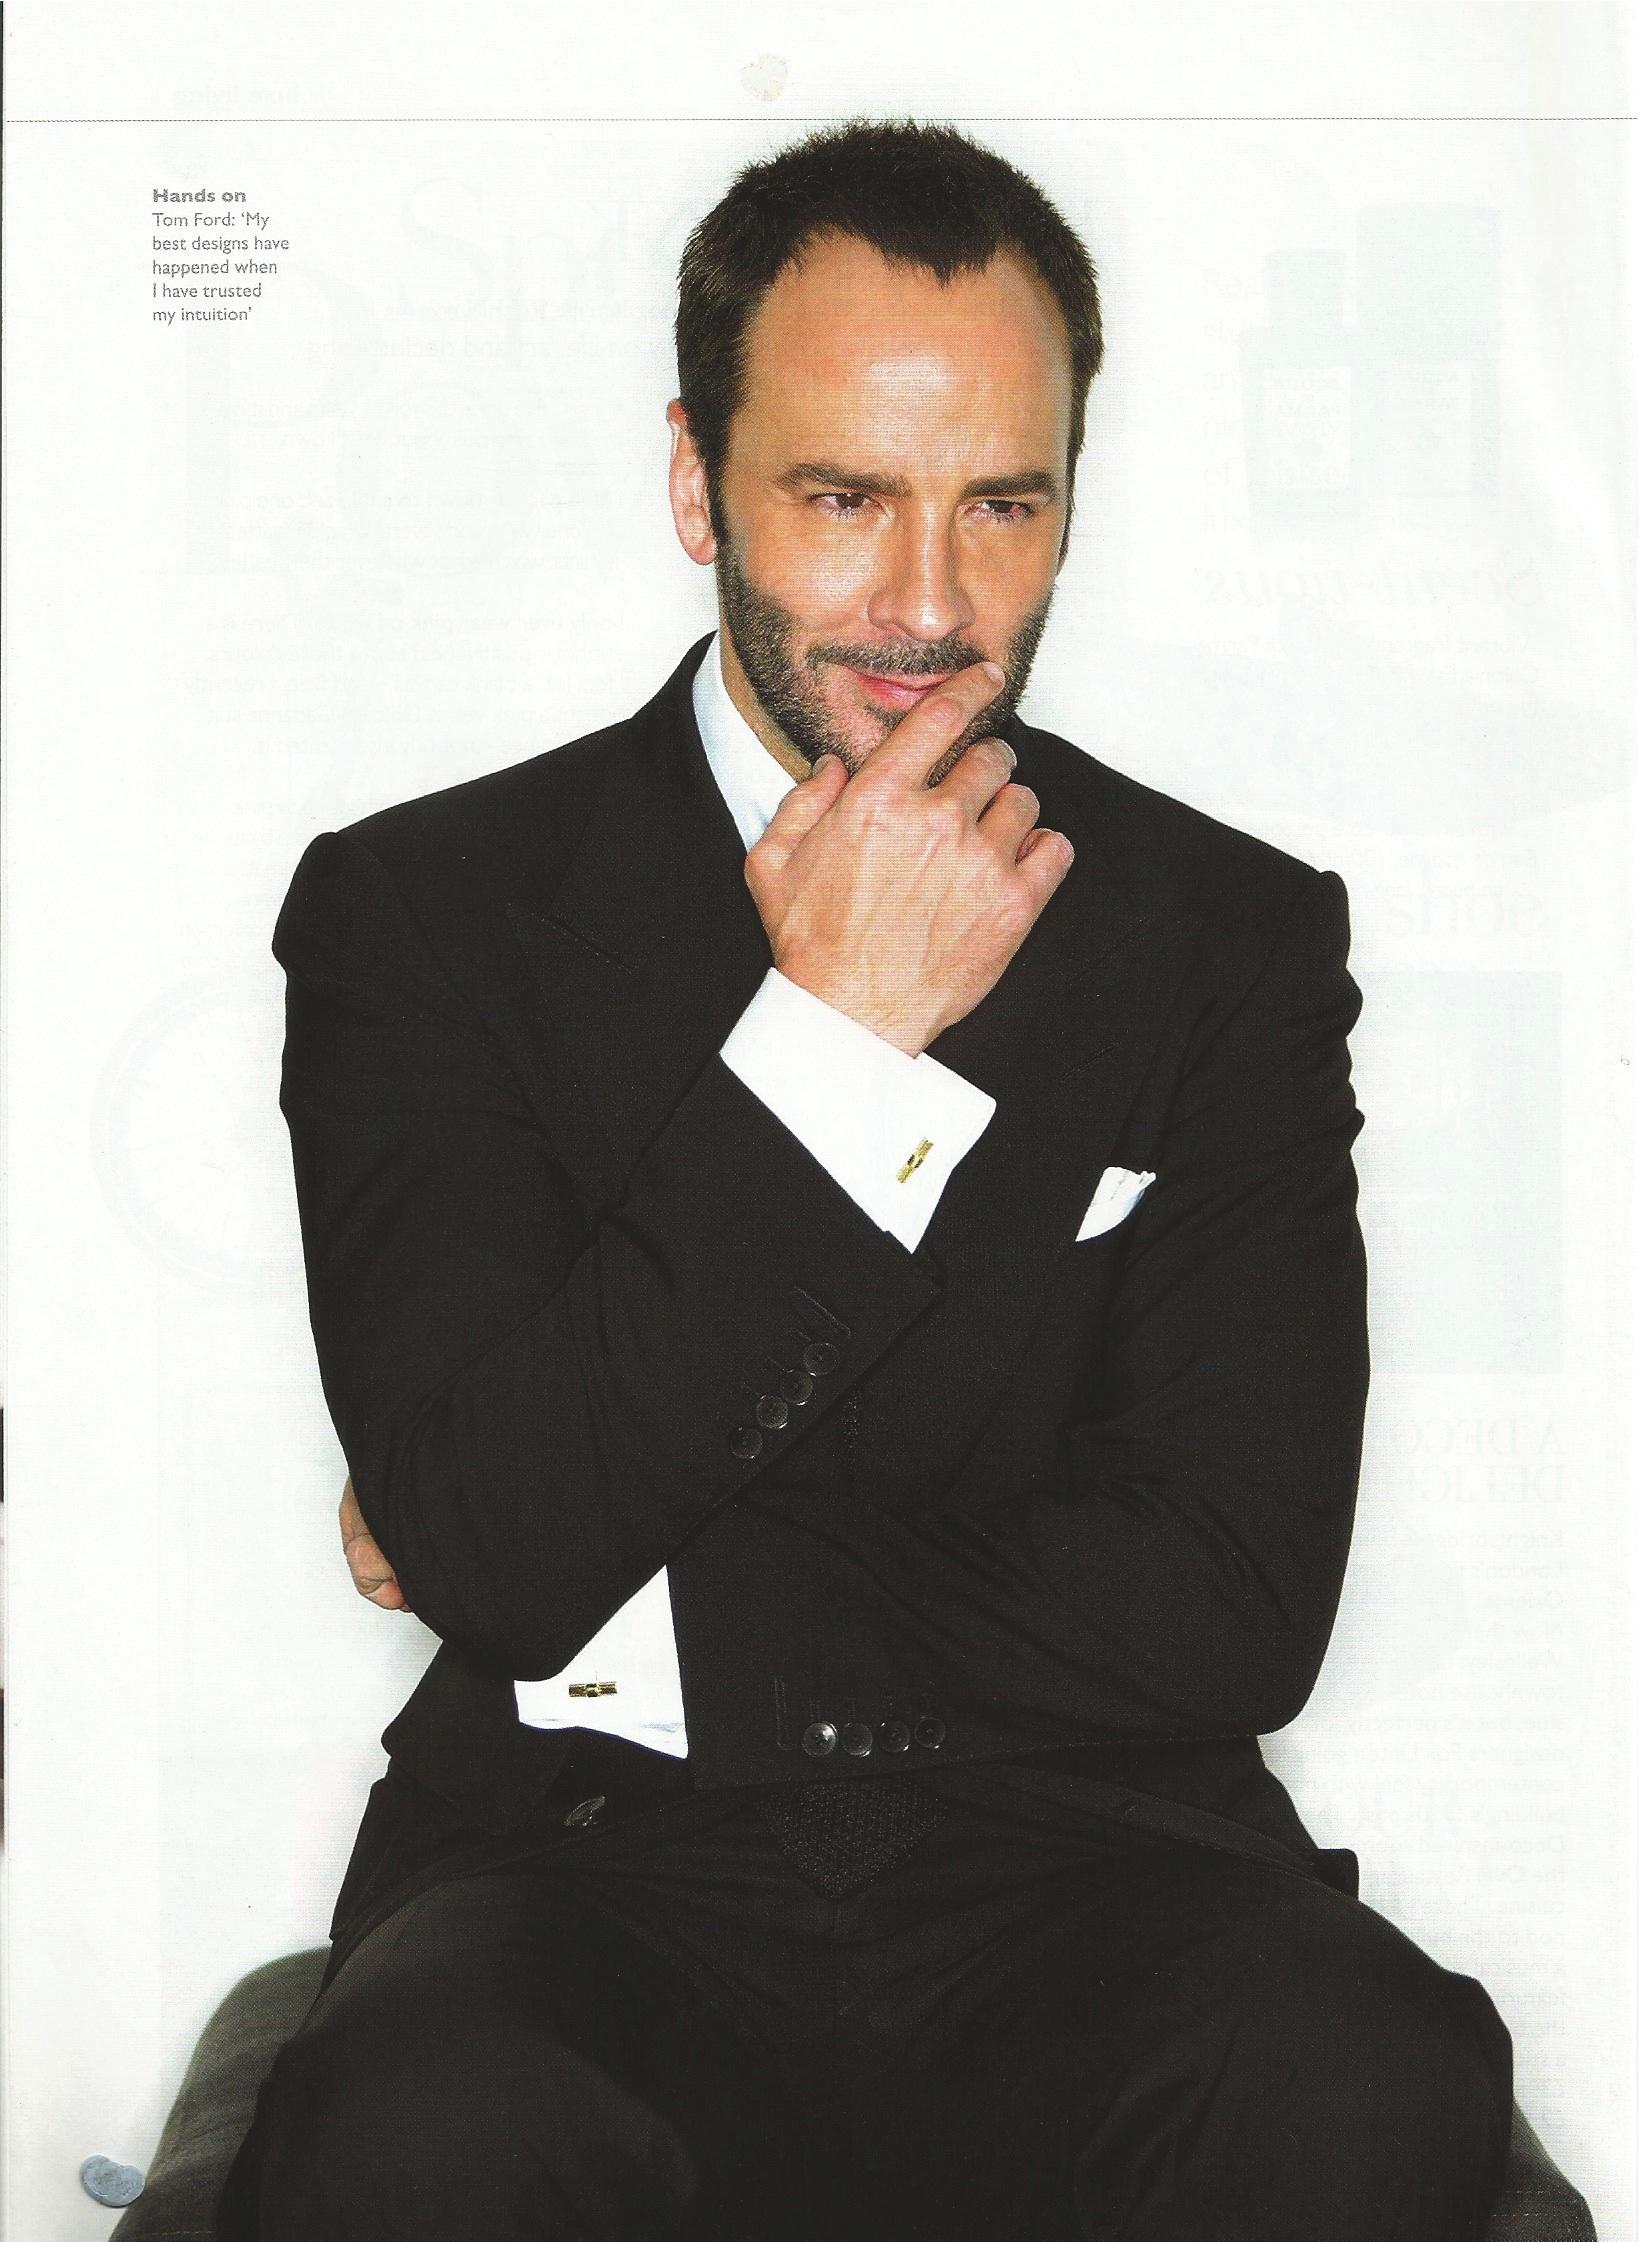 Julia-Robson-interview-Tom-Ford-FirstLifemagazine-Dec-2012-3